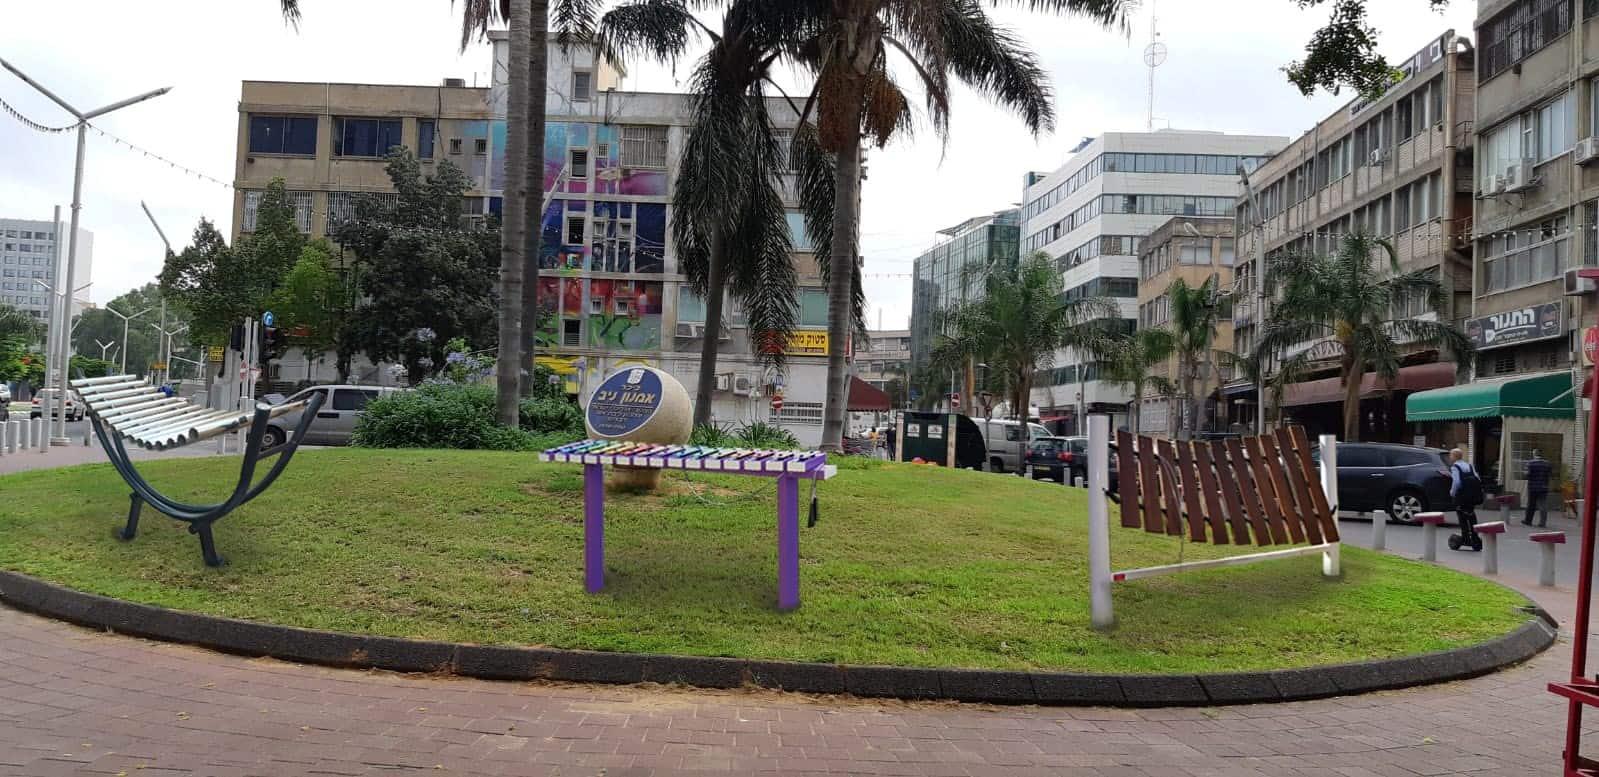 כיכר בצלאל